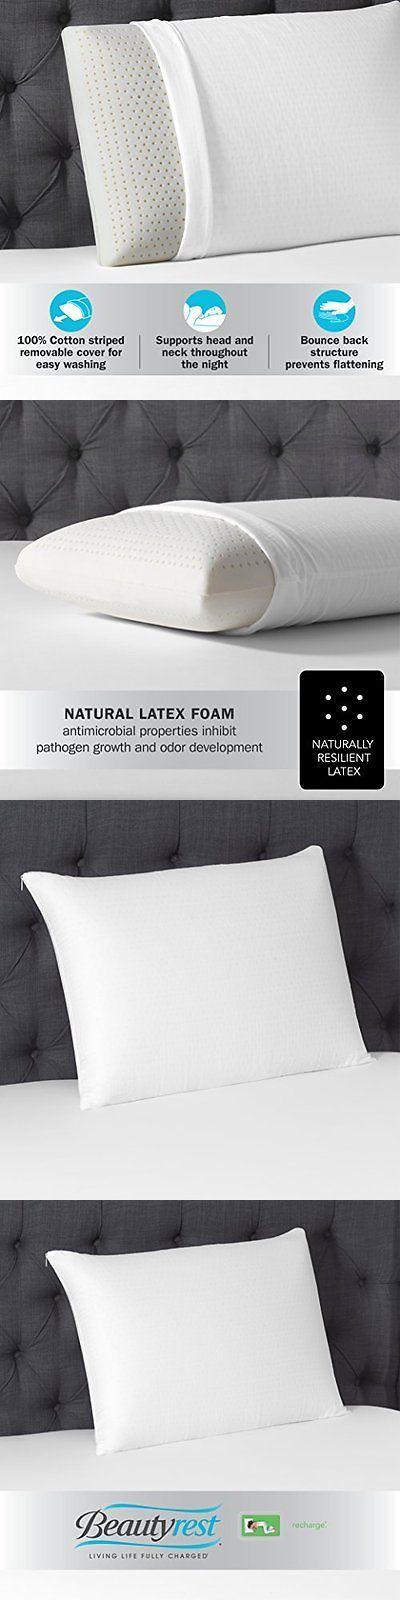 bed pillows latex foam pillow by simmons beautyrest standard no tax